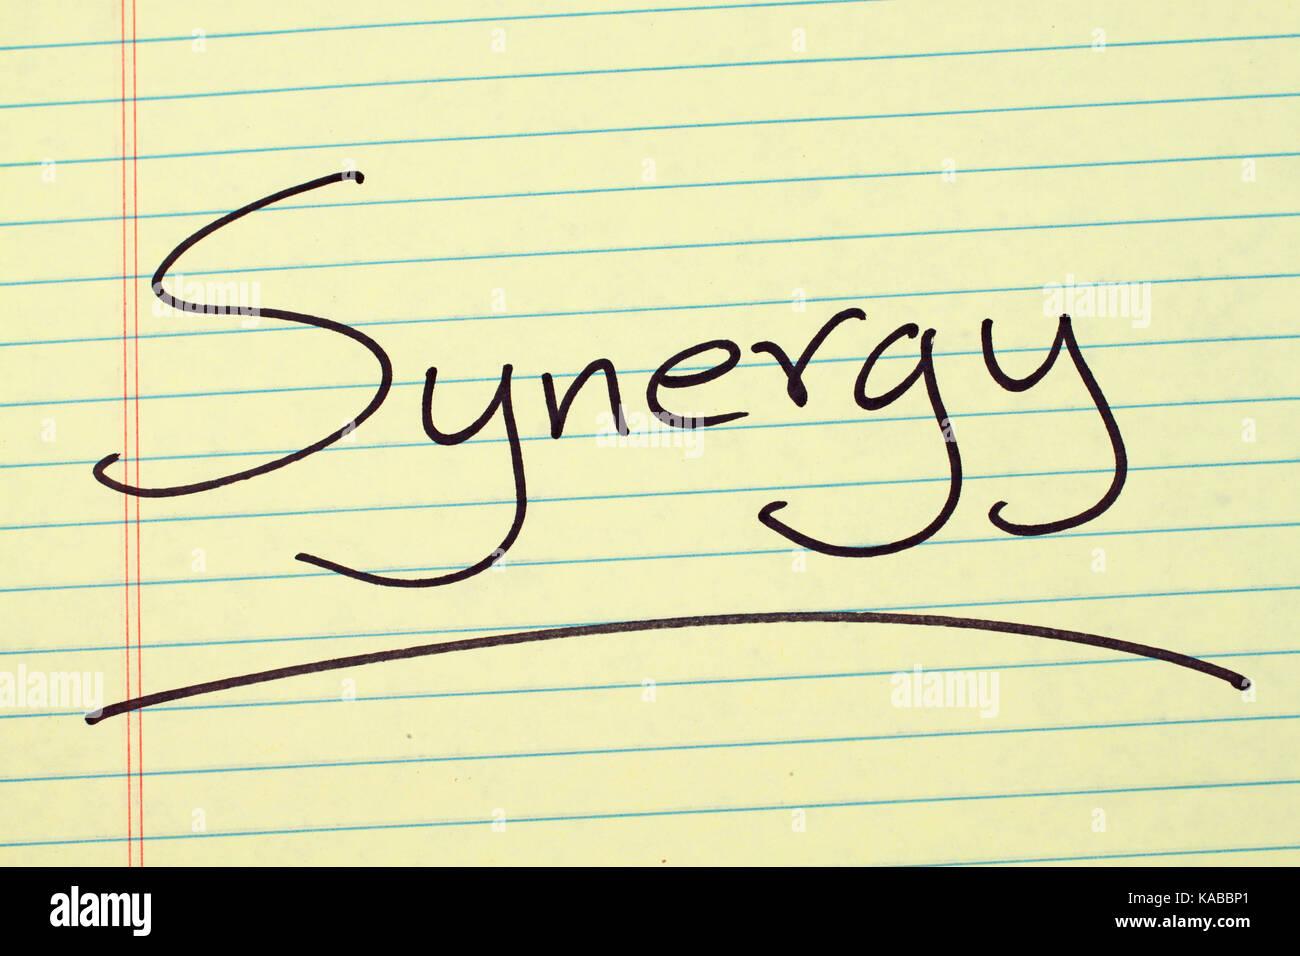 """Le mot """"synergie"""" a souligné sur un tampon juridique jaune Photo Stock"""